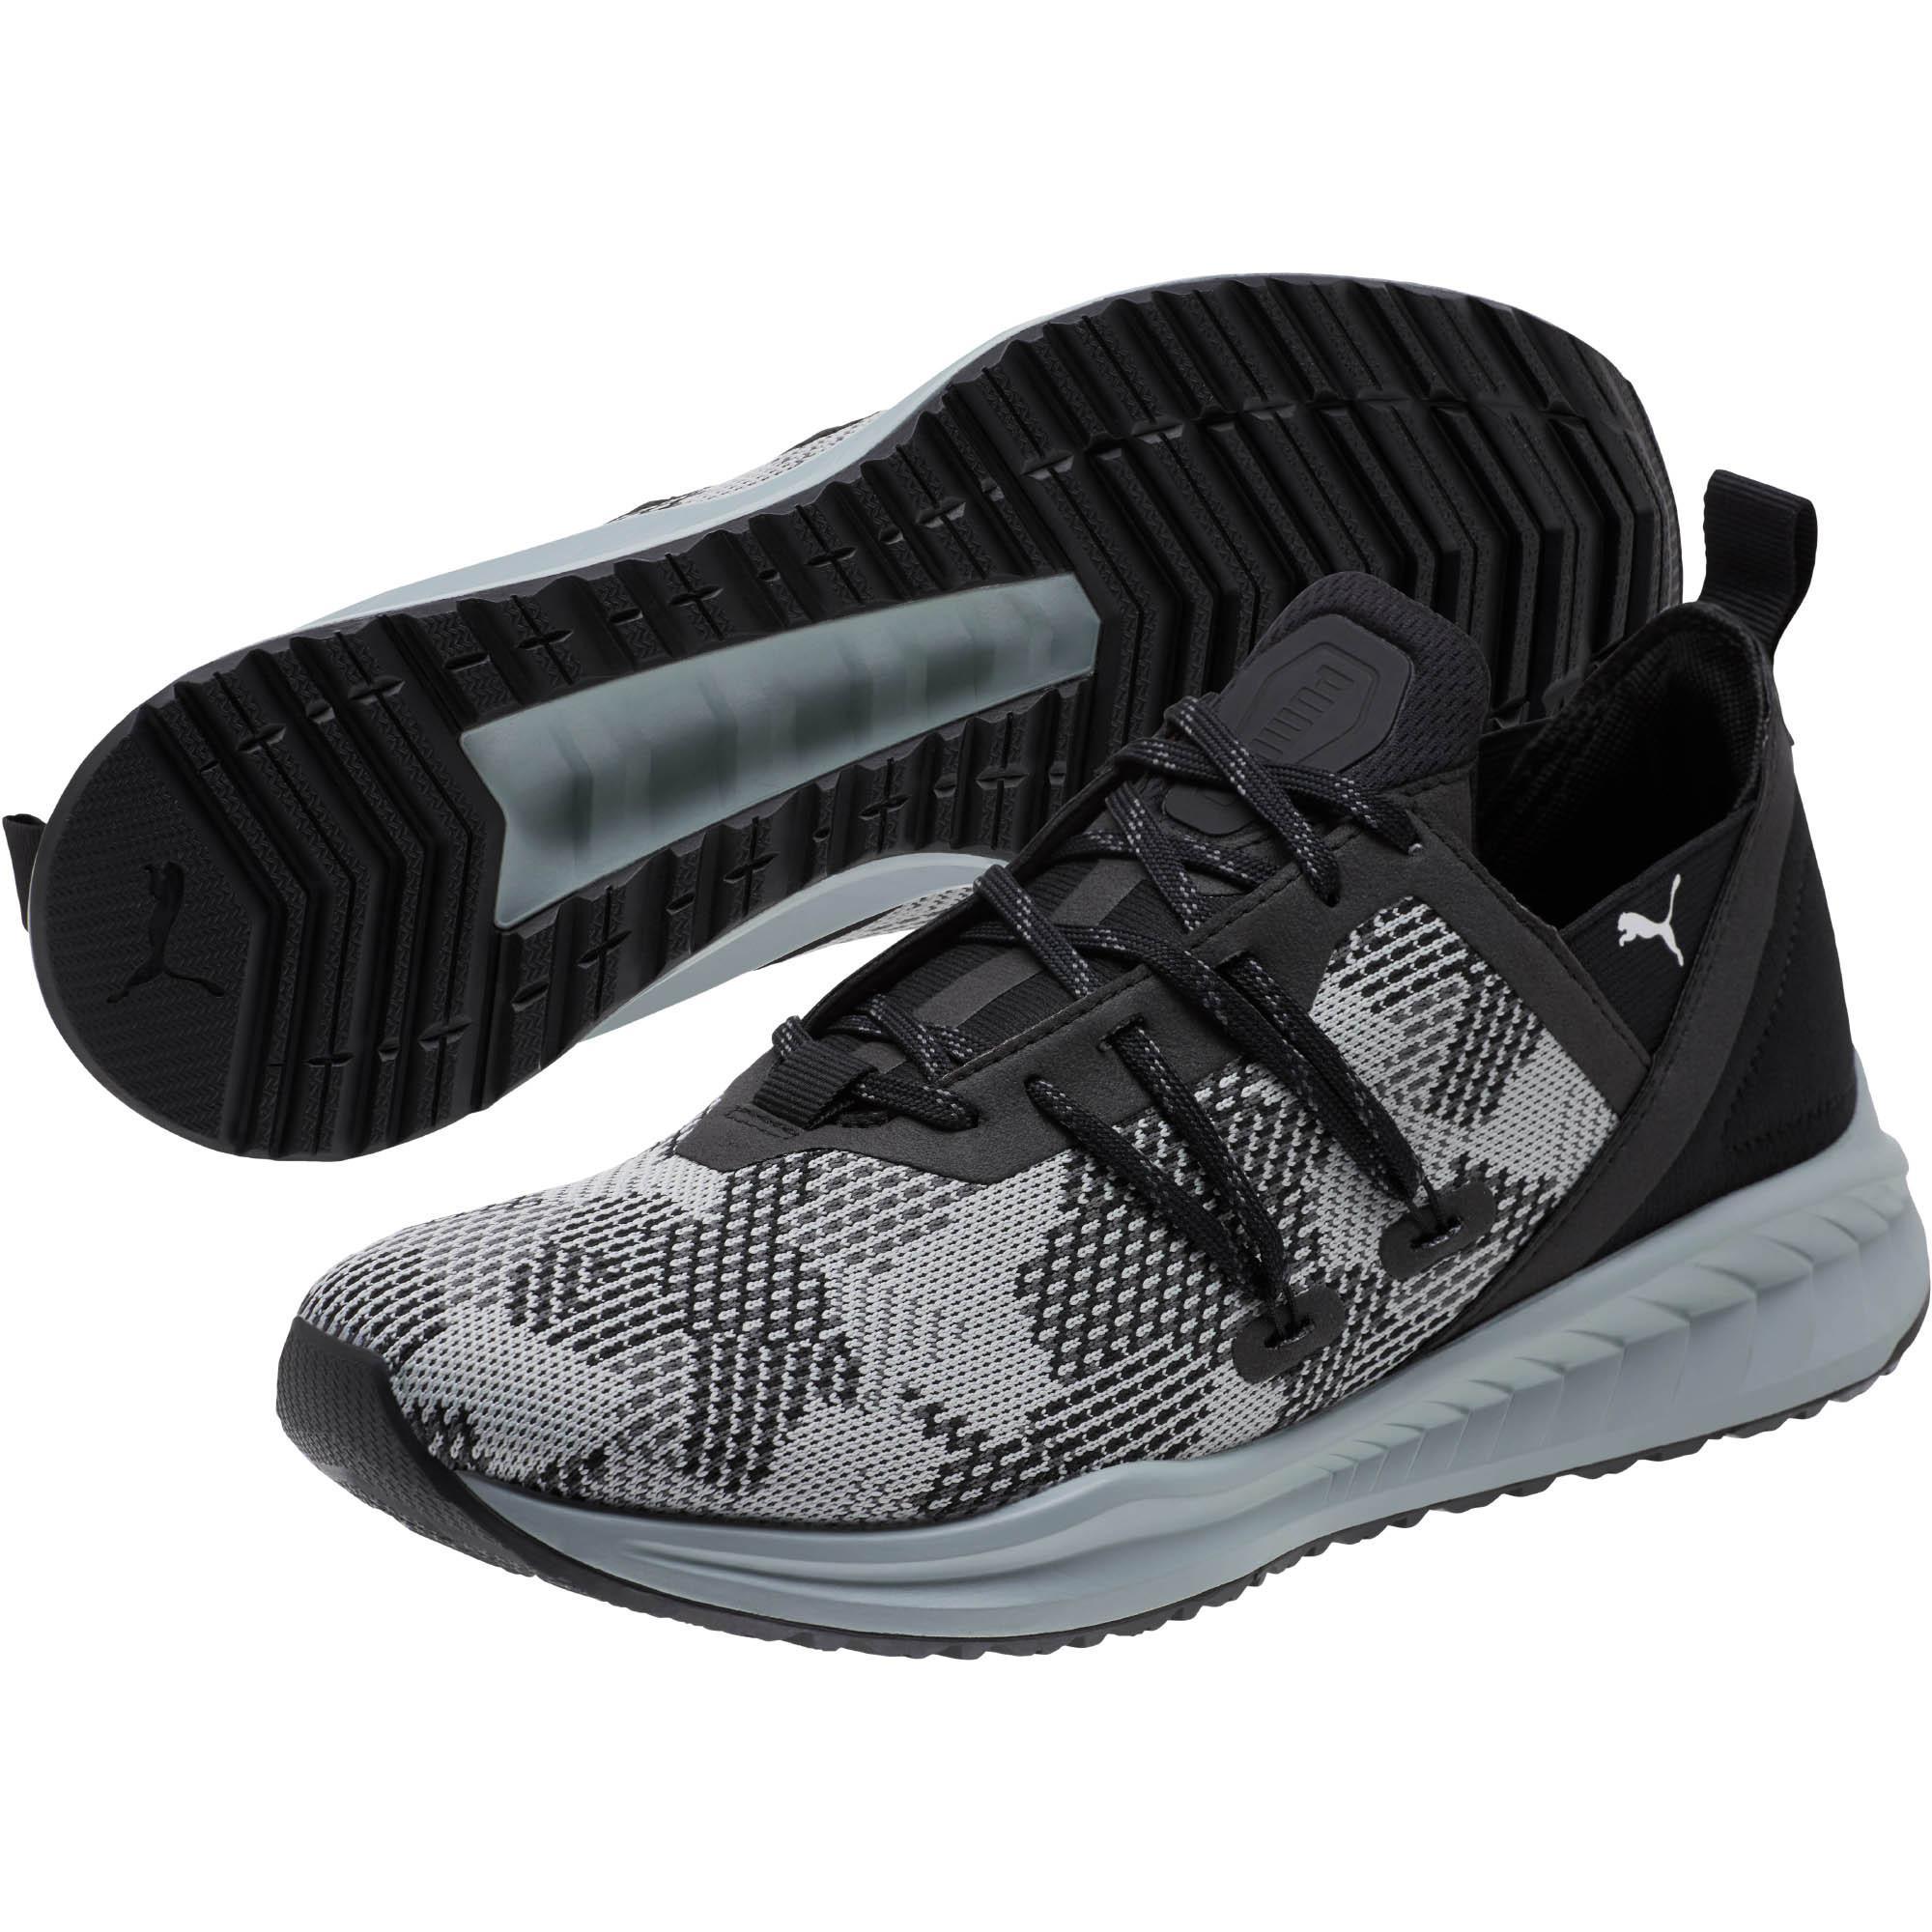 PUMA - Black Ignite Ronin Shatter Men s Running Shoes for Men - Lyst. View  fullscreen e98f96ce8